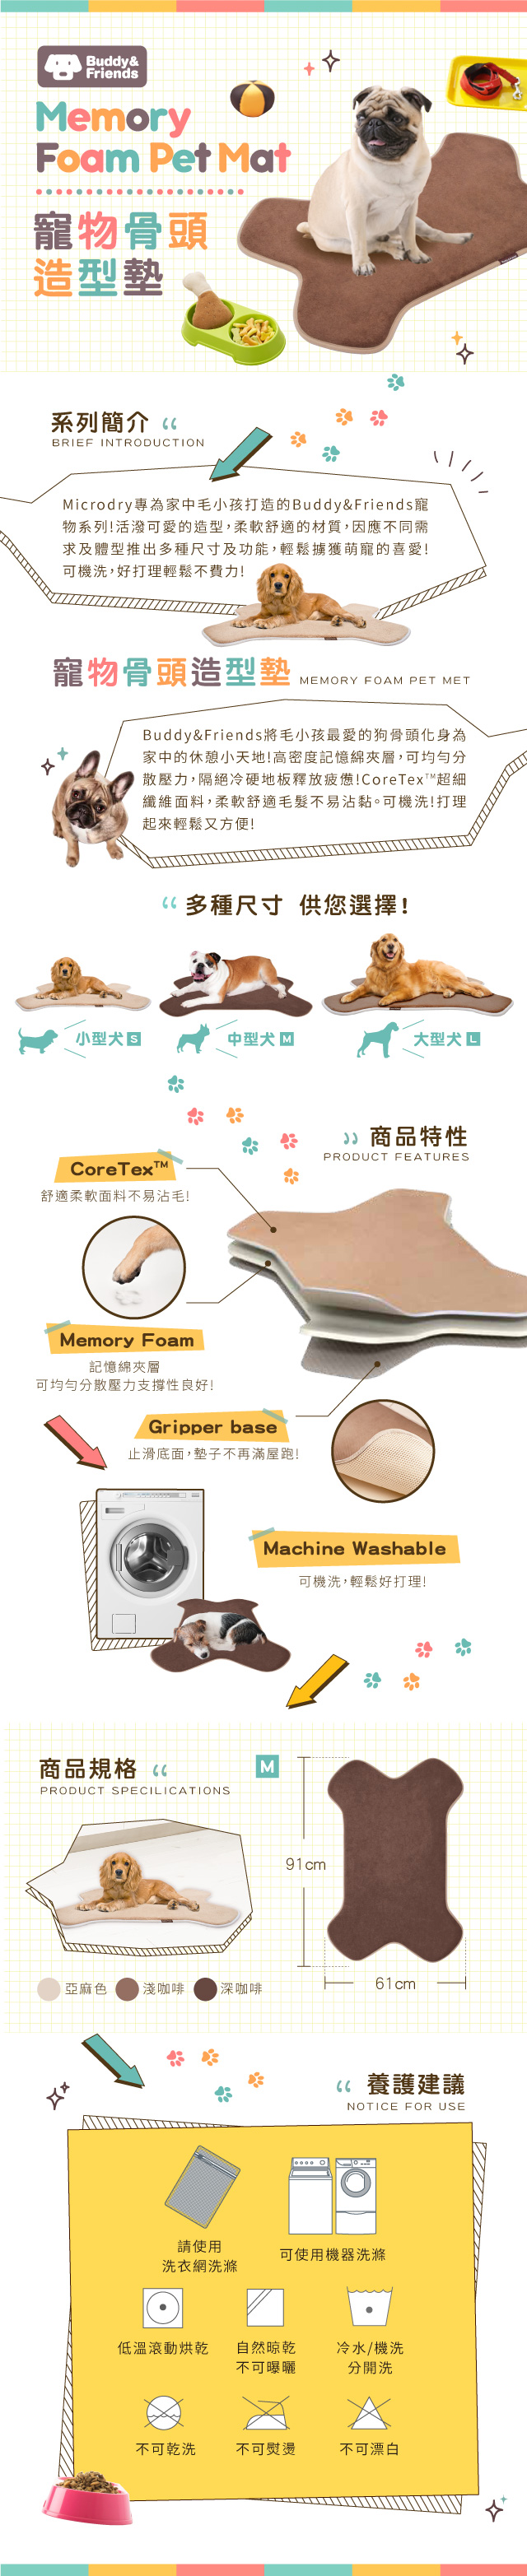 (複製)Buddy&Friends|寵物骨頭造型墊-淺咖啡M(61x91cm)